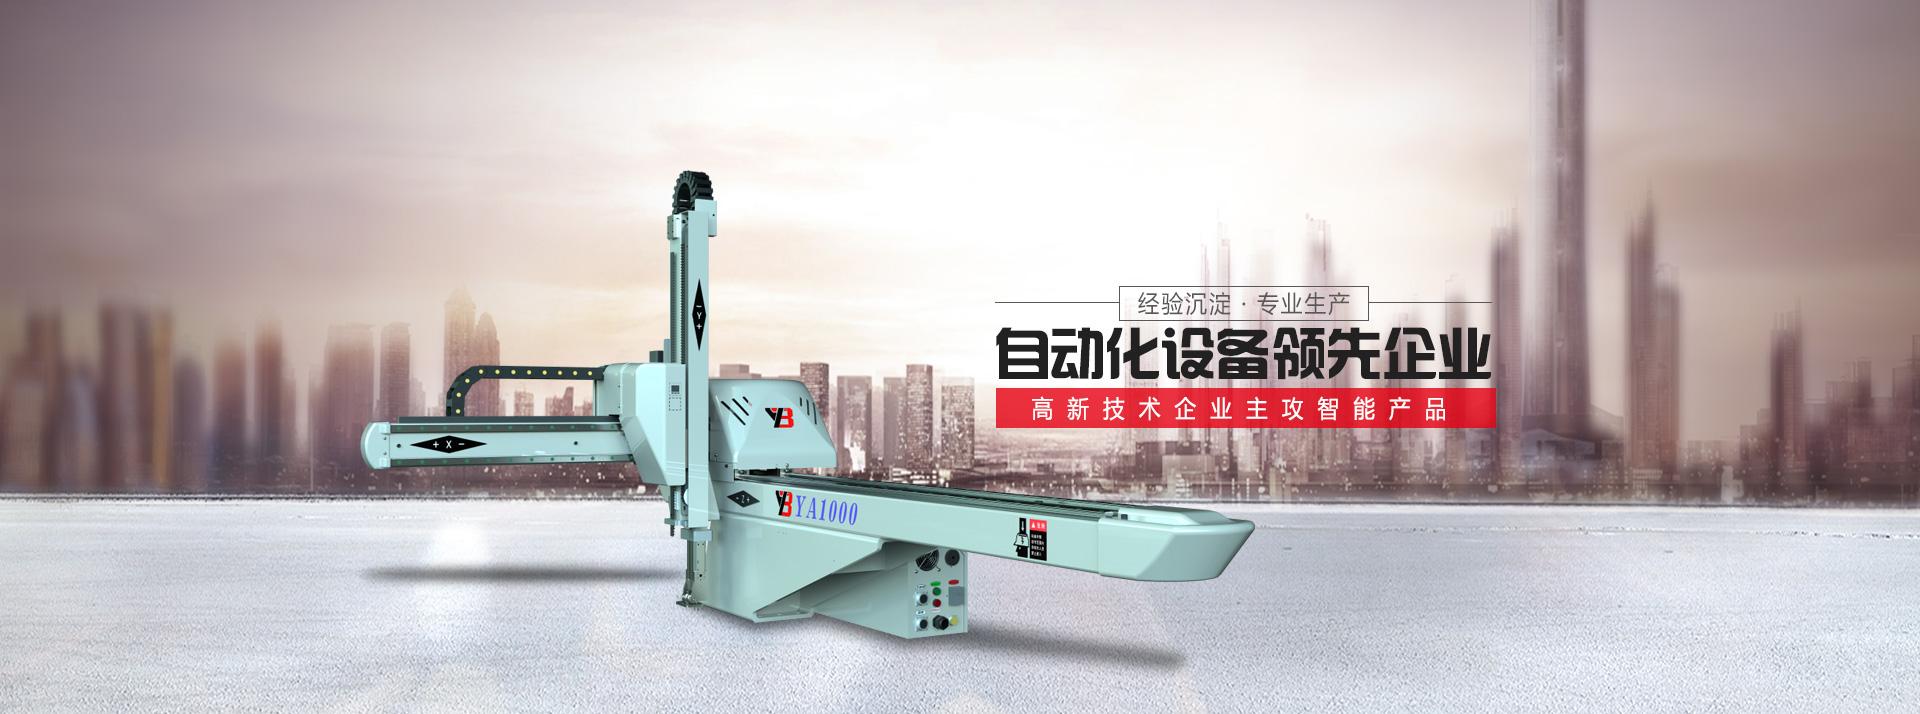 工业机械手生产厂家